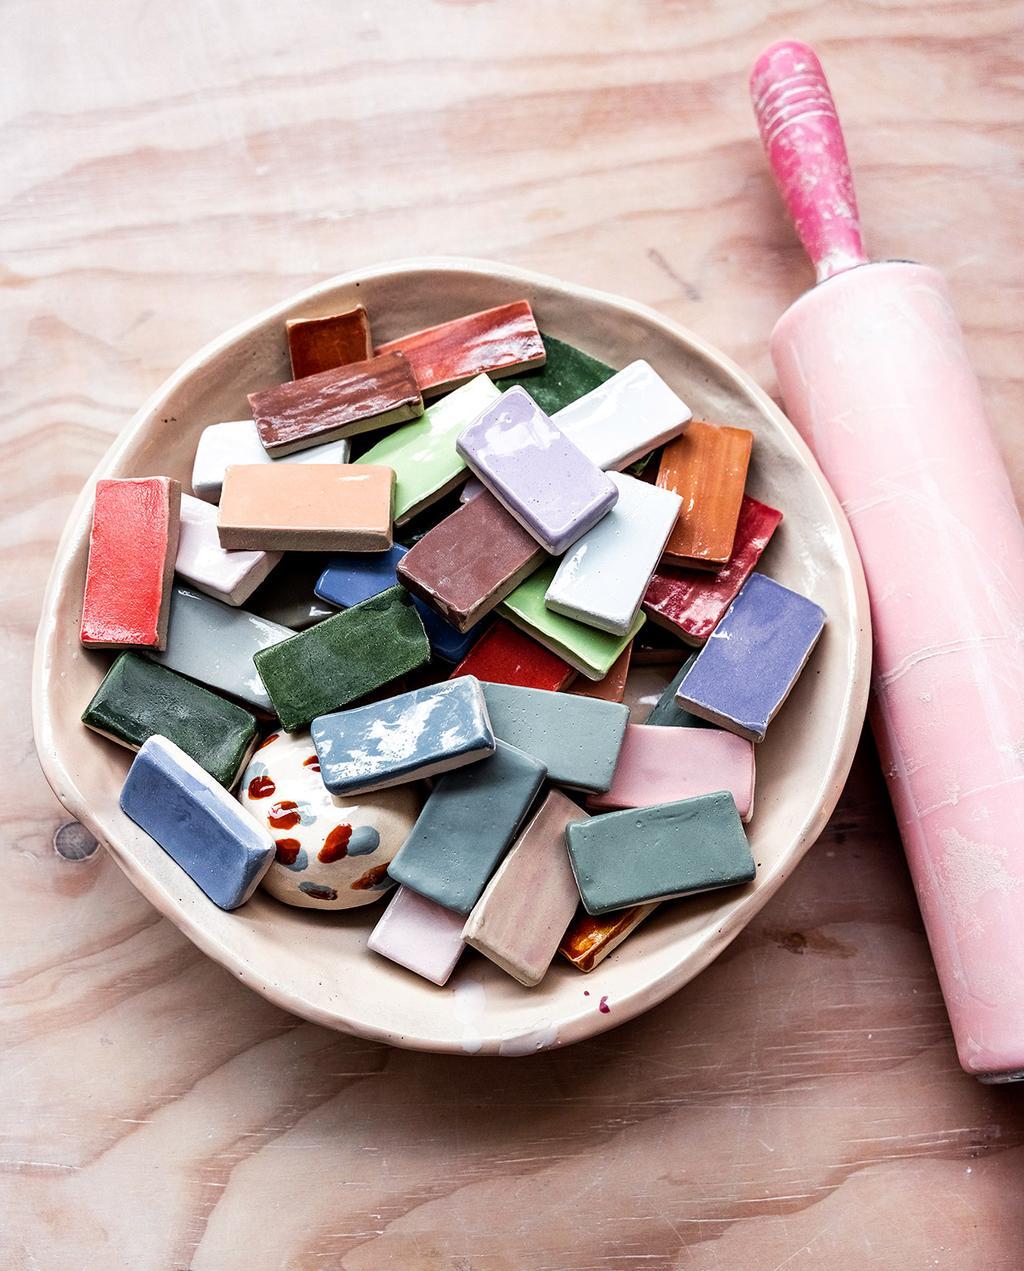 vtwonen 05-2021 | verschillende stukjes van verschillende kleuren in keramiek